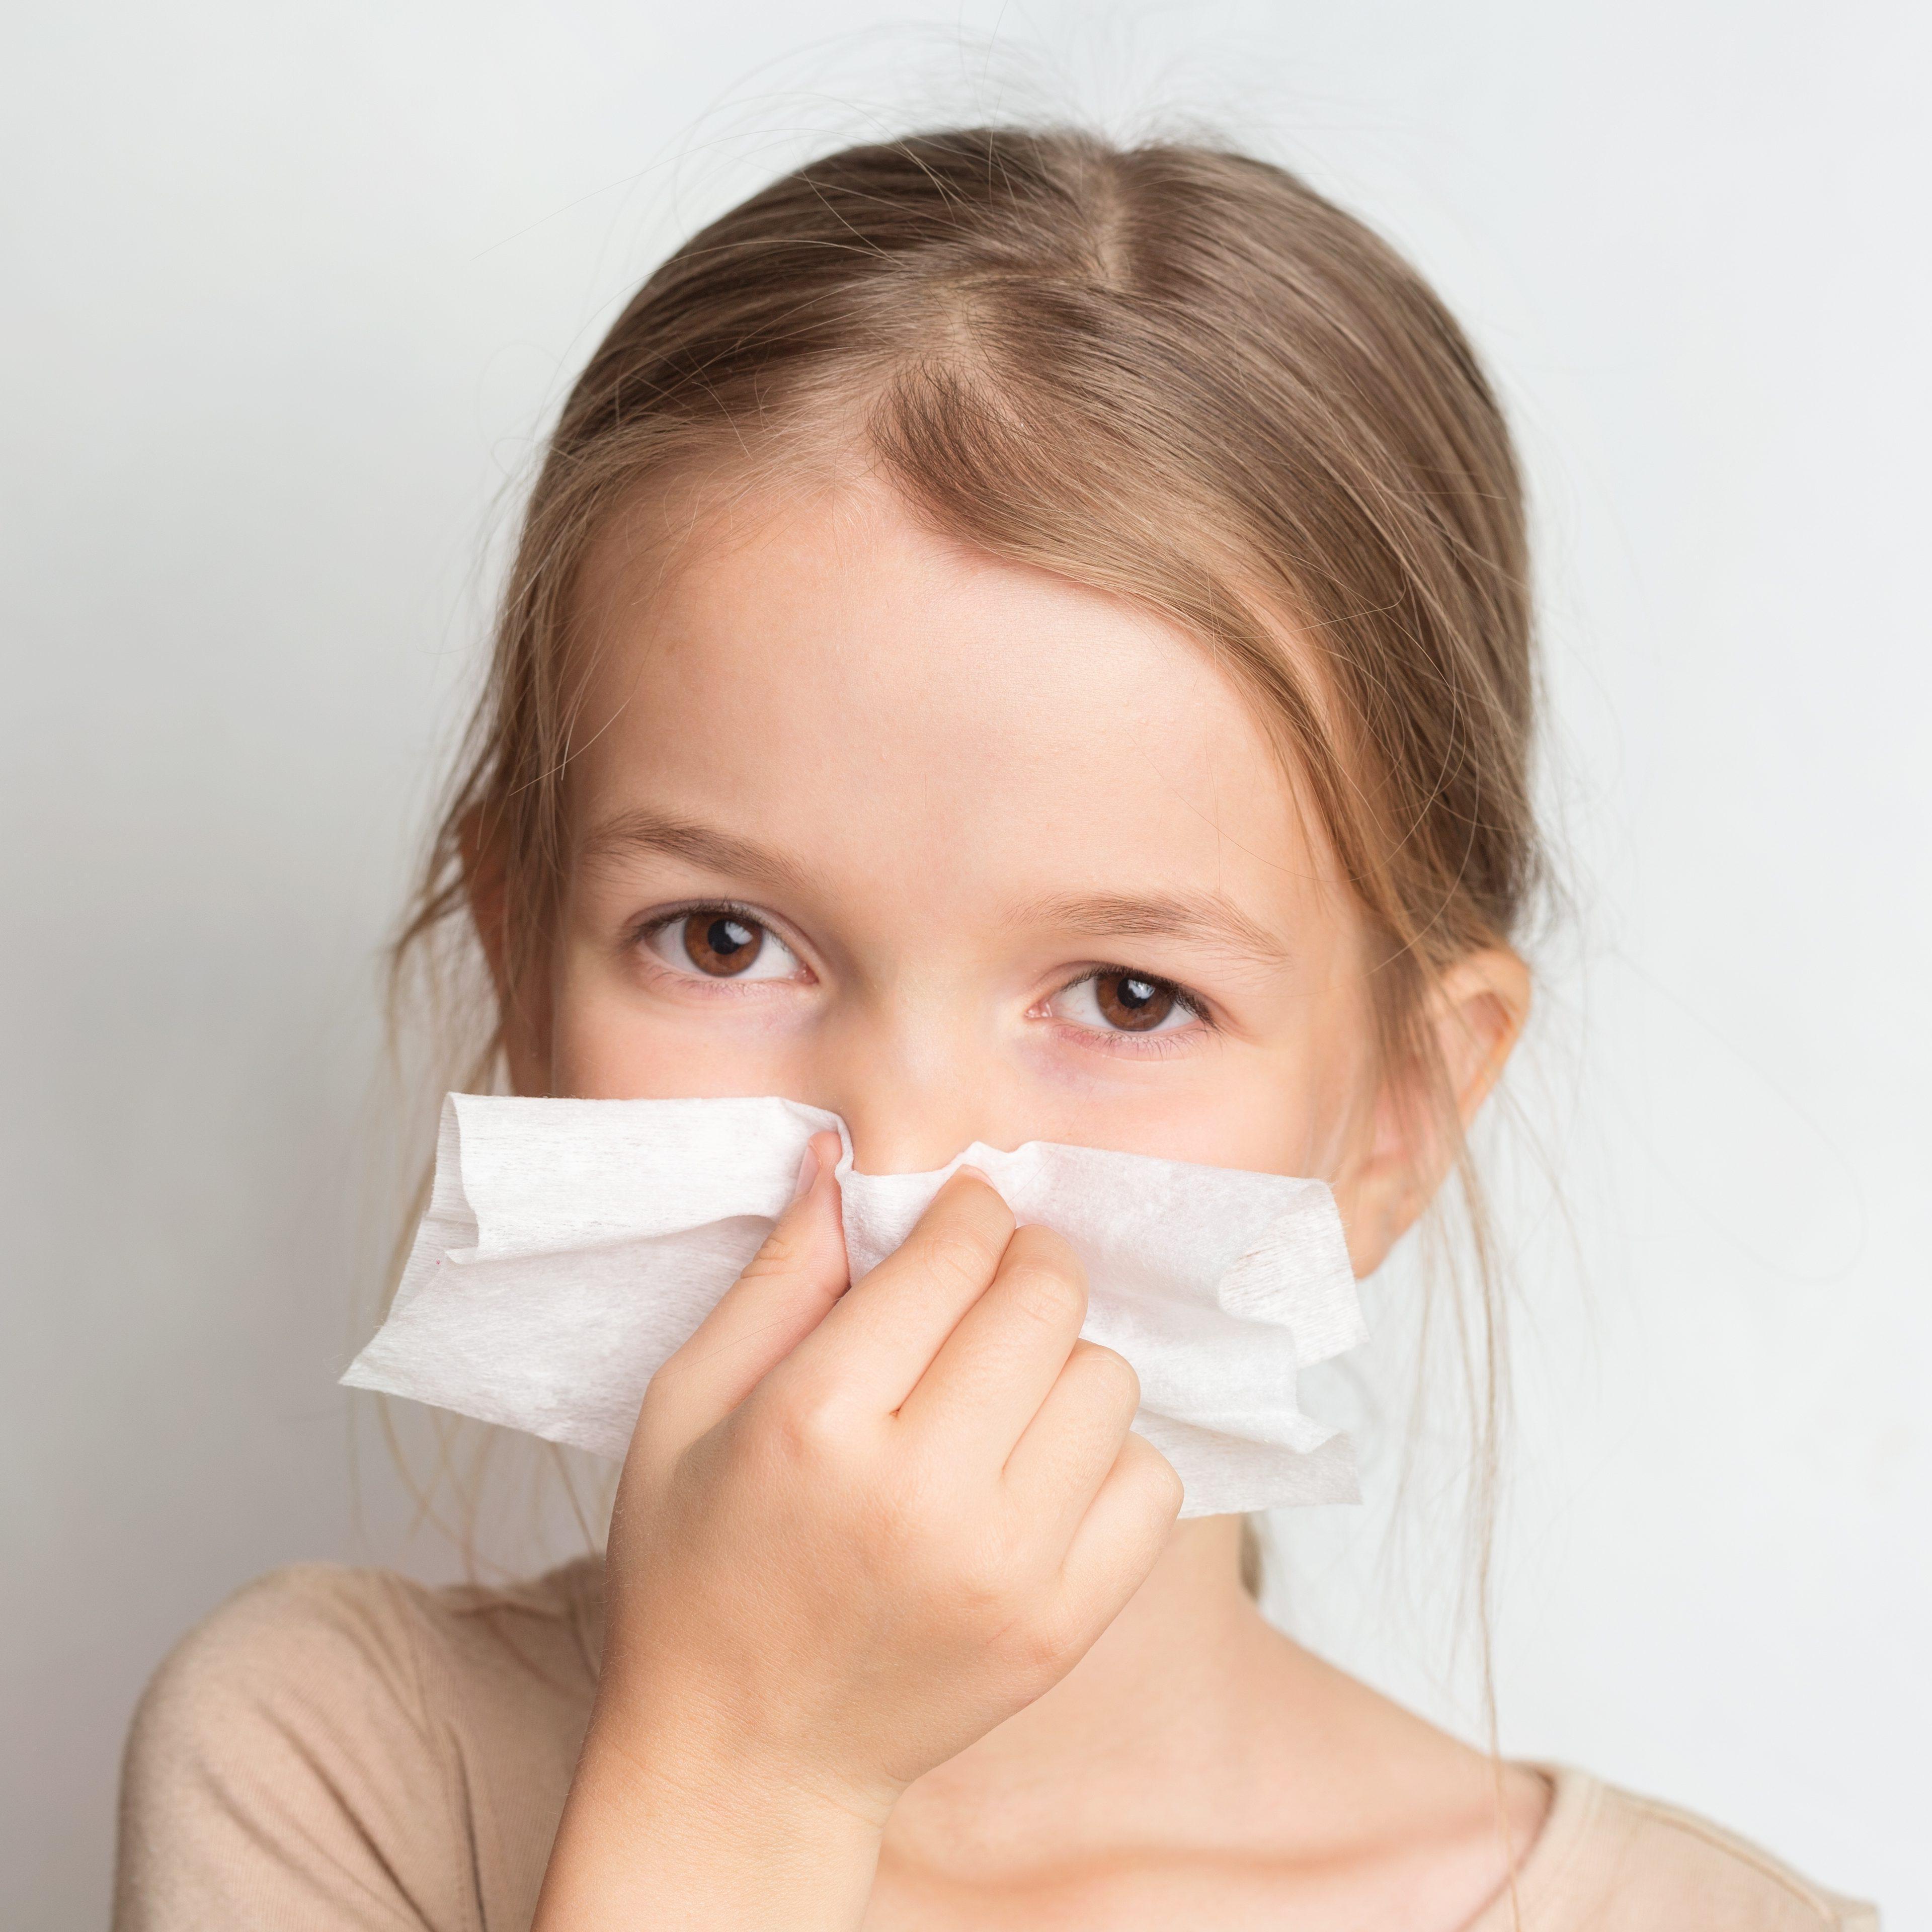 Paeds sinusitis